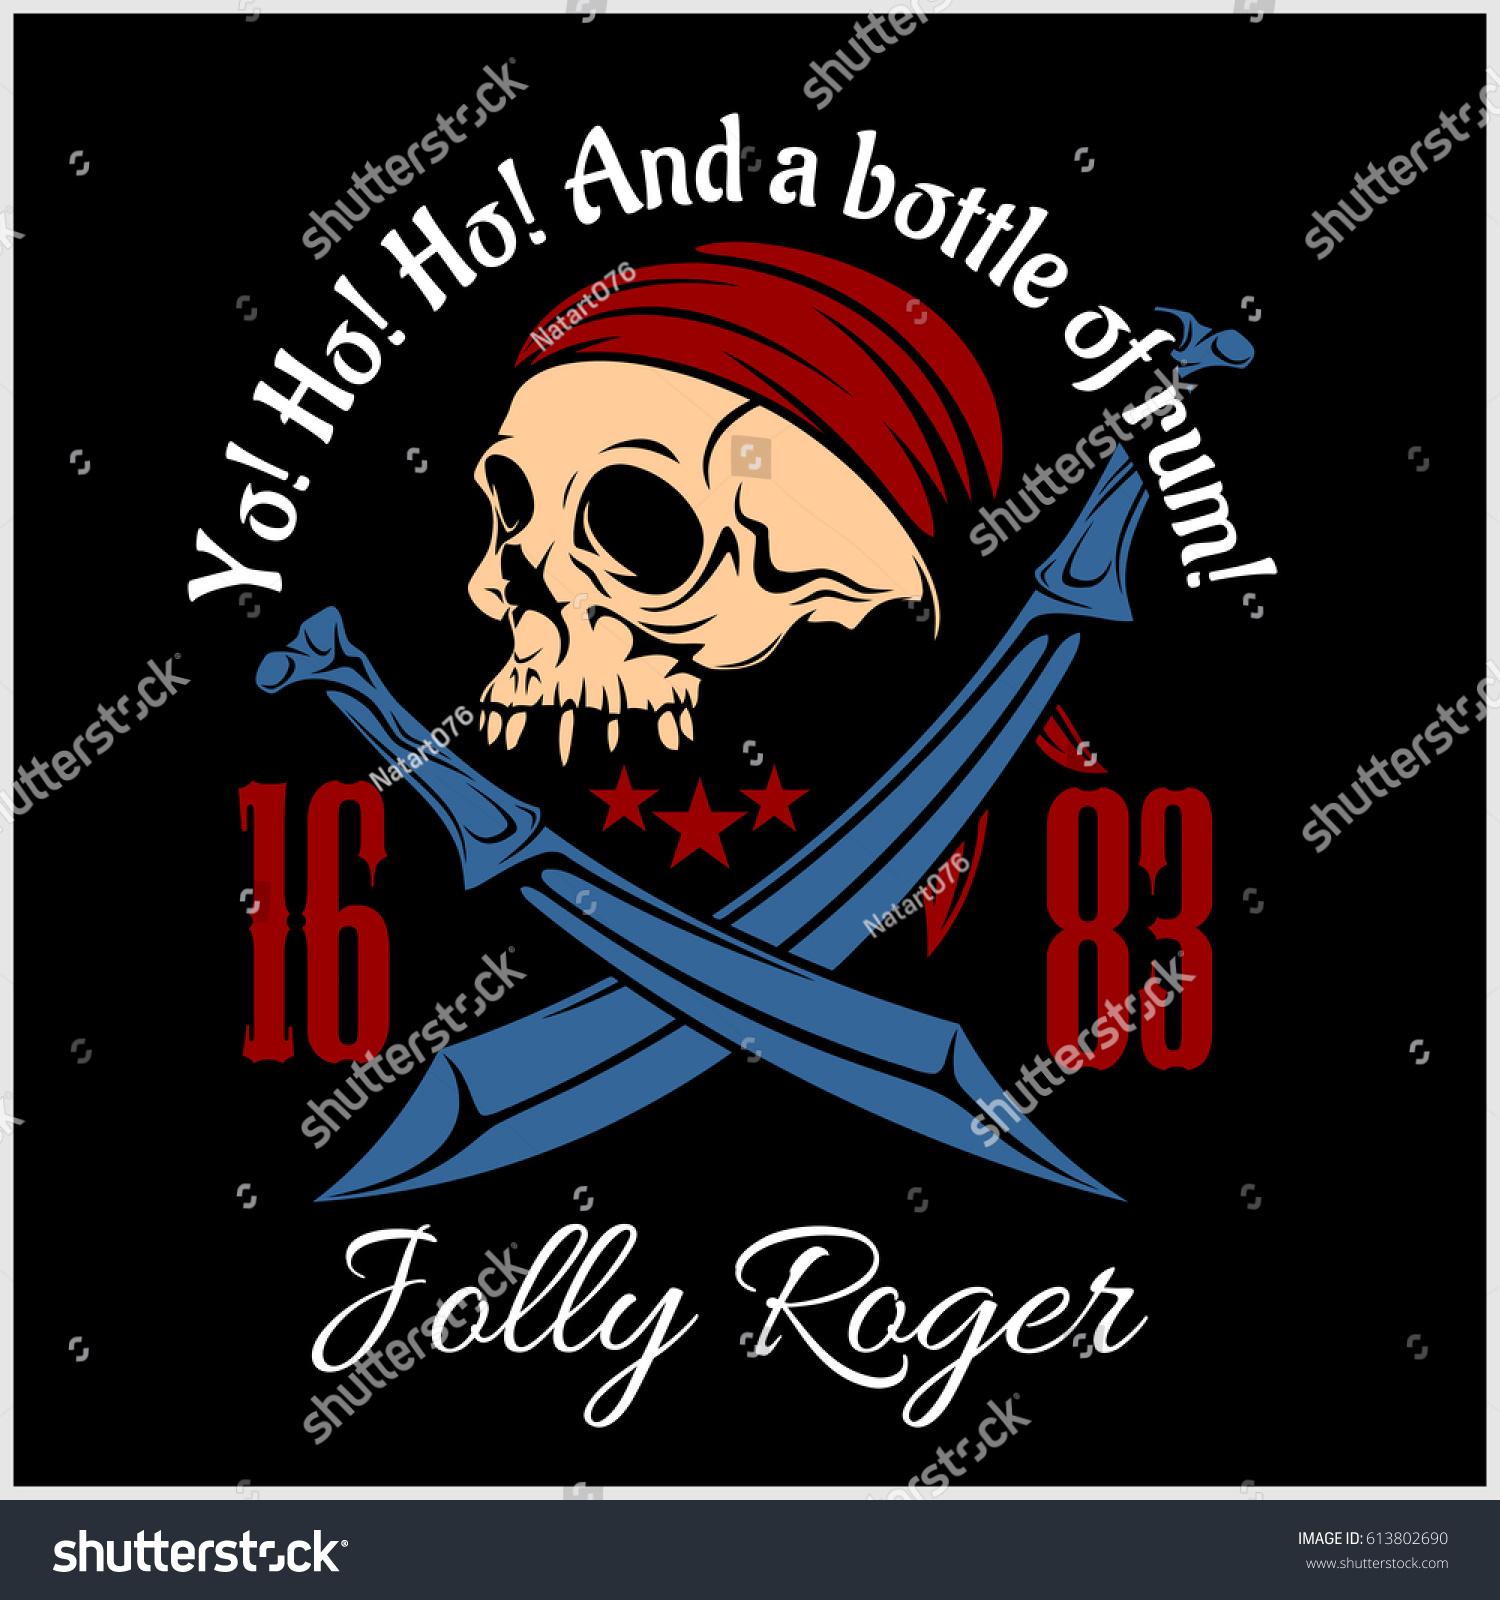 Shirt design elements - Vintage Pirate Labels Or Design Elements Fits Perfect For A T Shirt Design